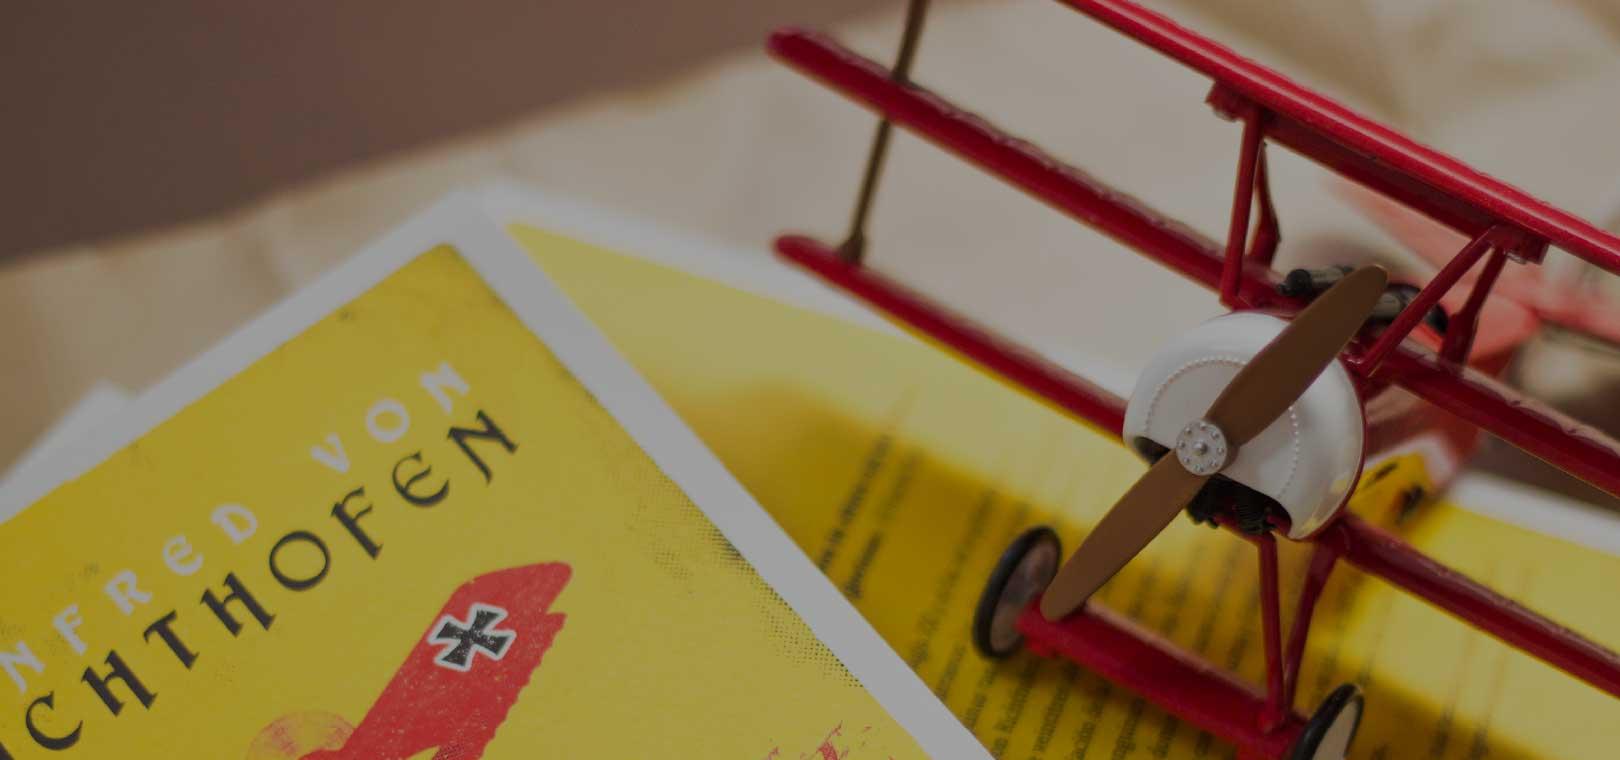 Diseño Editorial Avión Rojo de Combate Macadán Libros